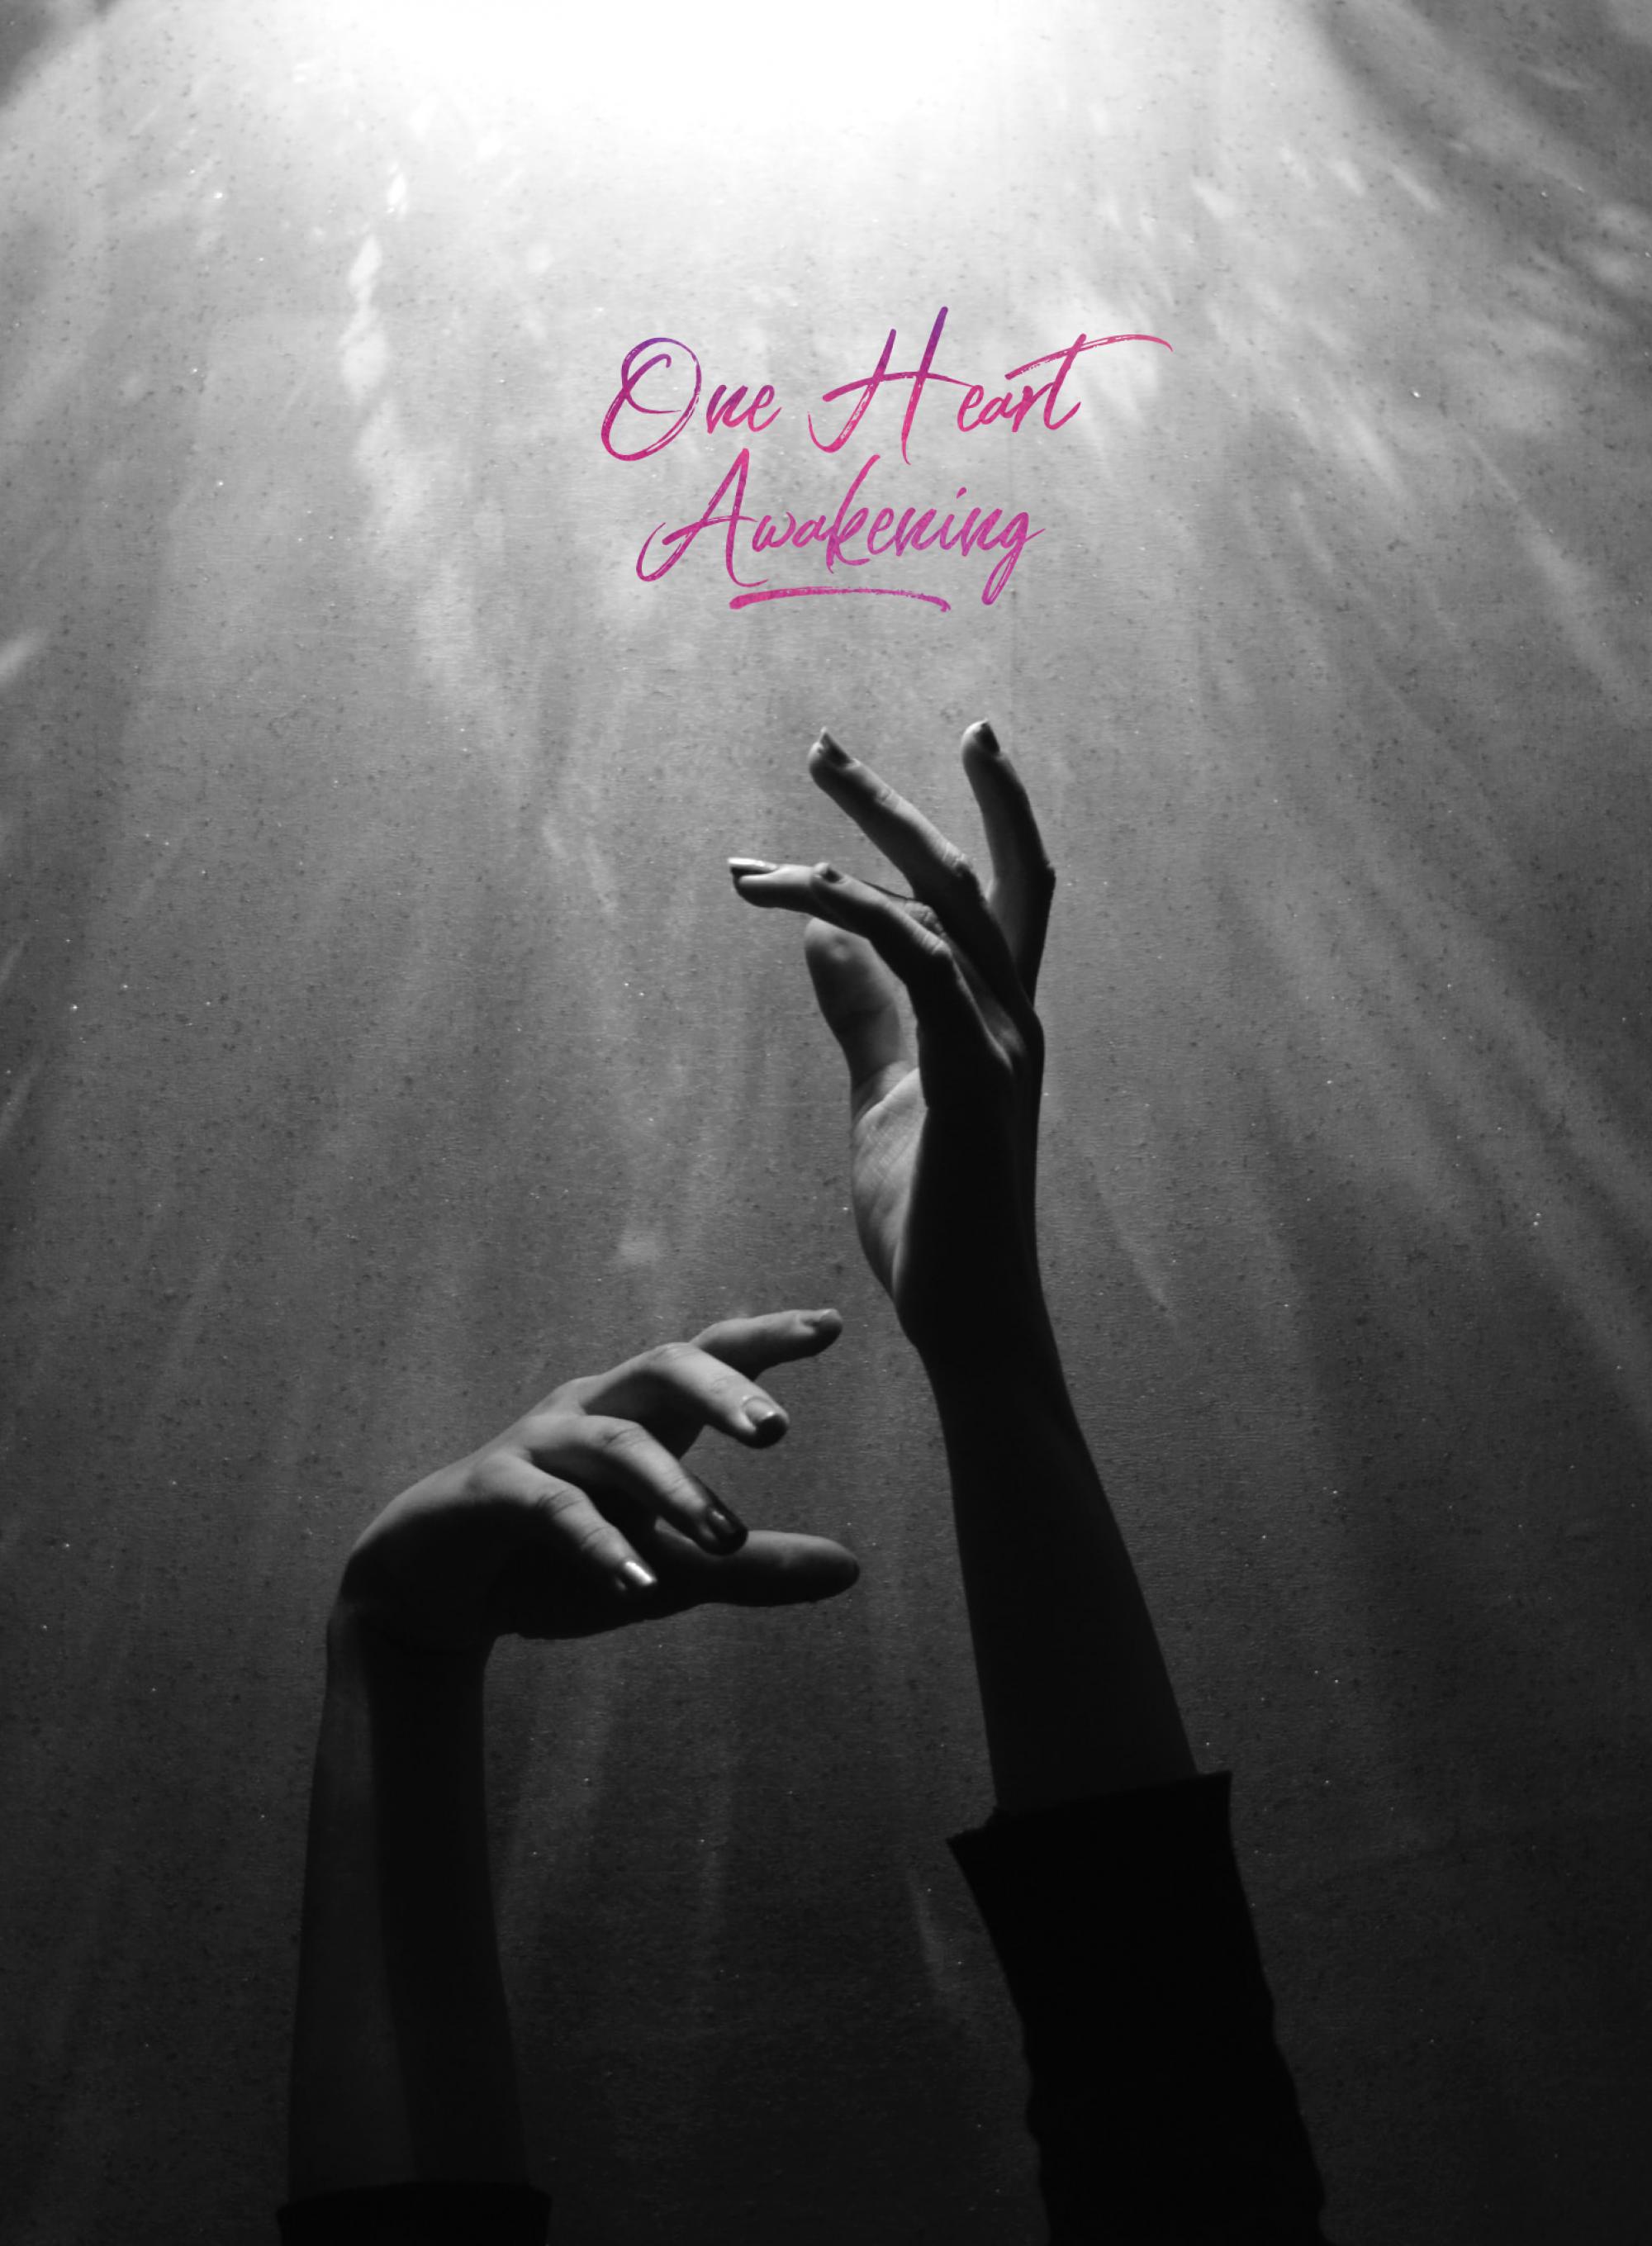 One Heart Awakening